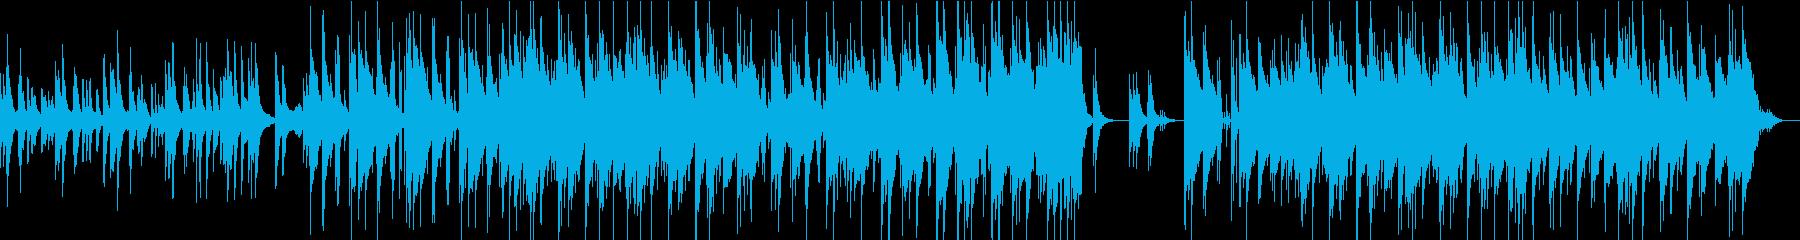 ピアノバンド 哀愁のあるインストの再生済みの波形